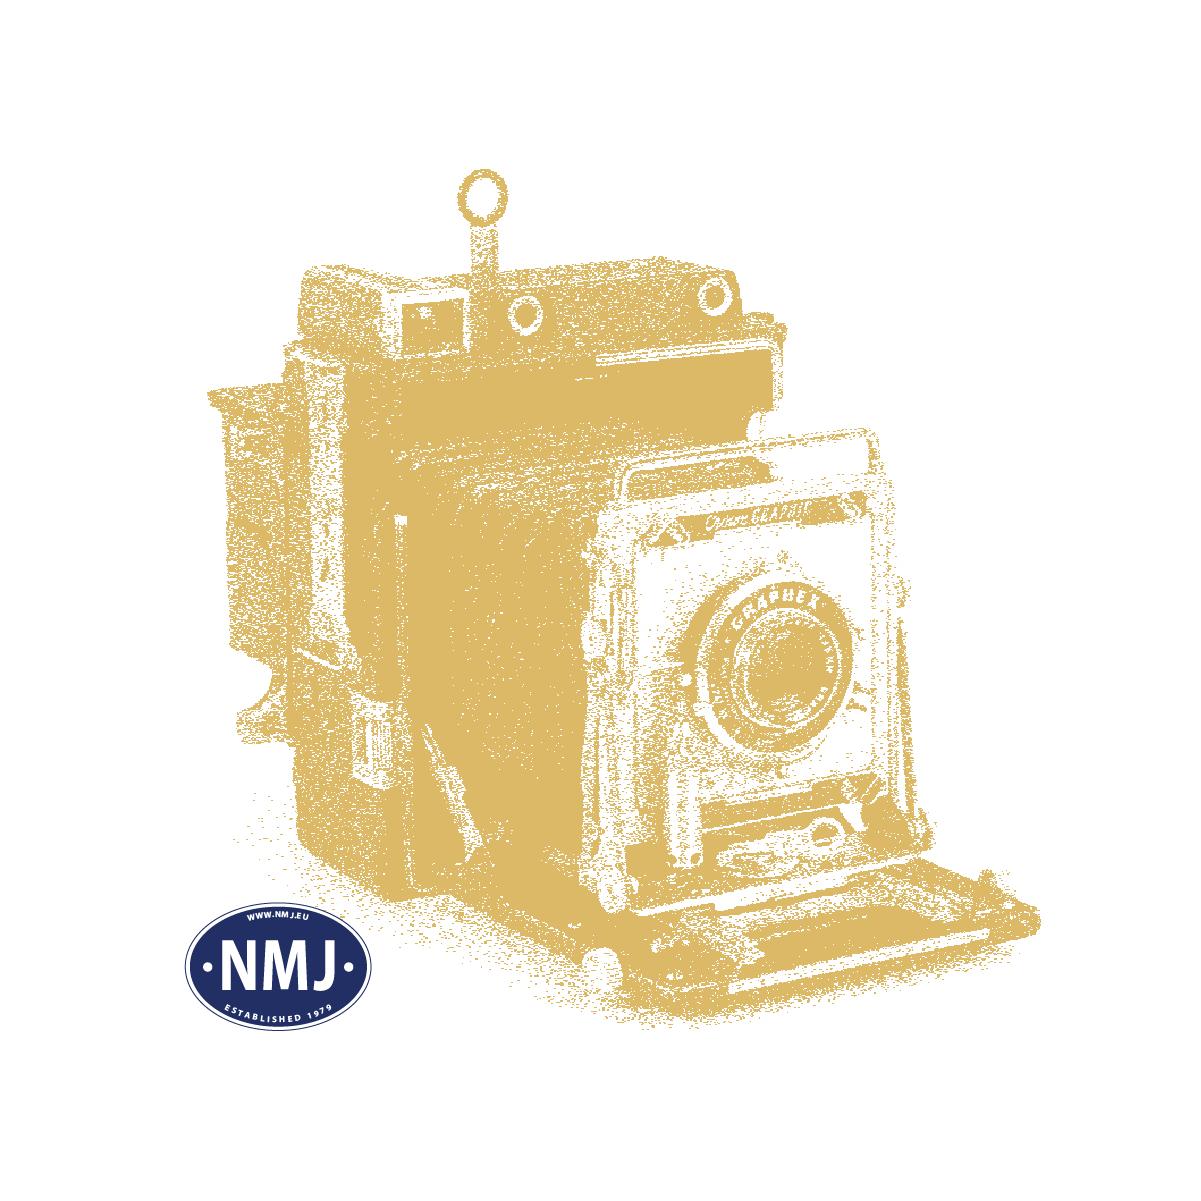 NMJT101.103 - NMJ Topline Schlafwagen WLABK.21078 der NSB, rotbraun